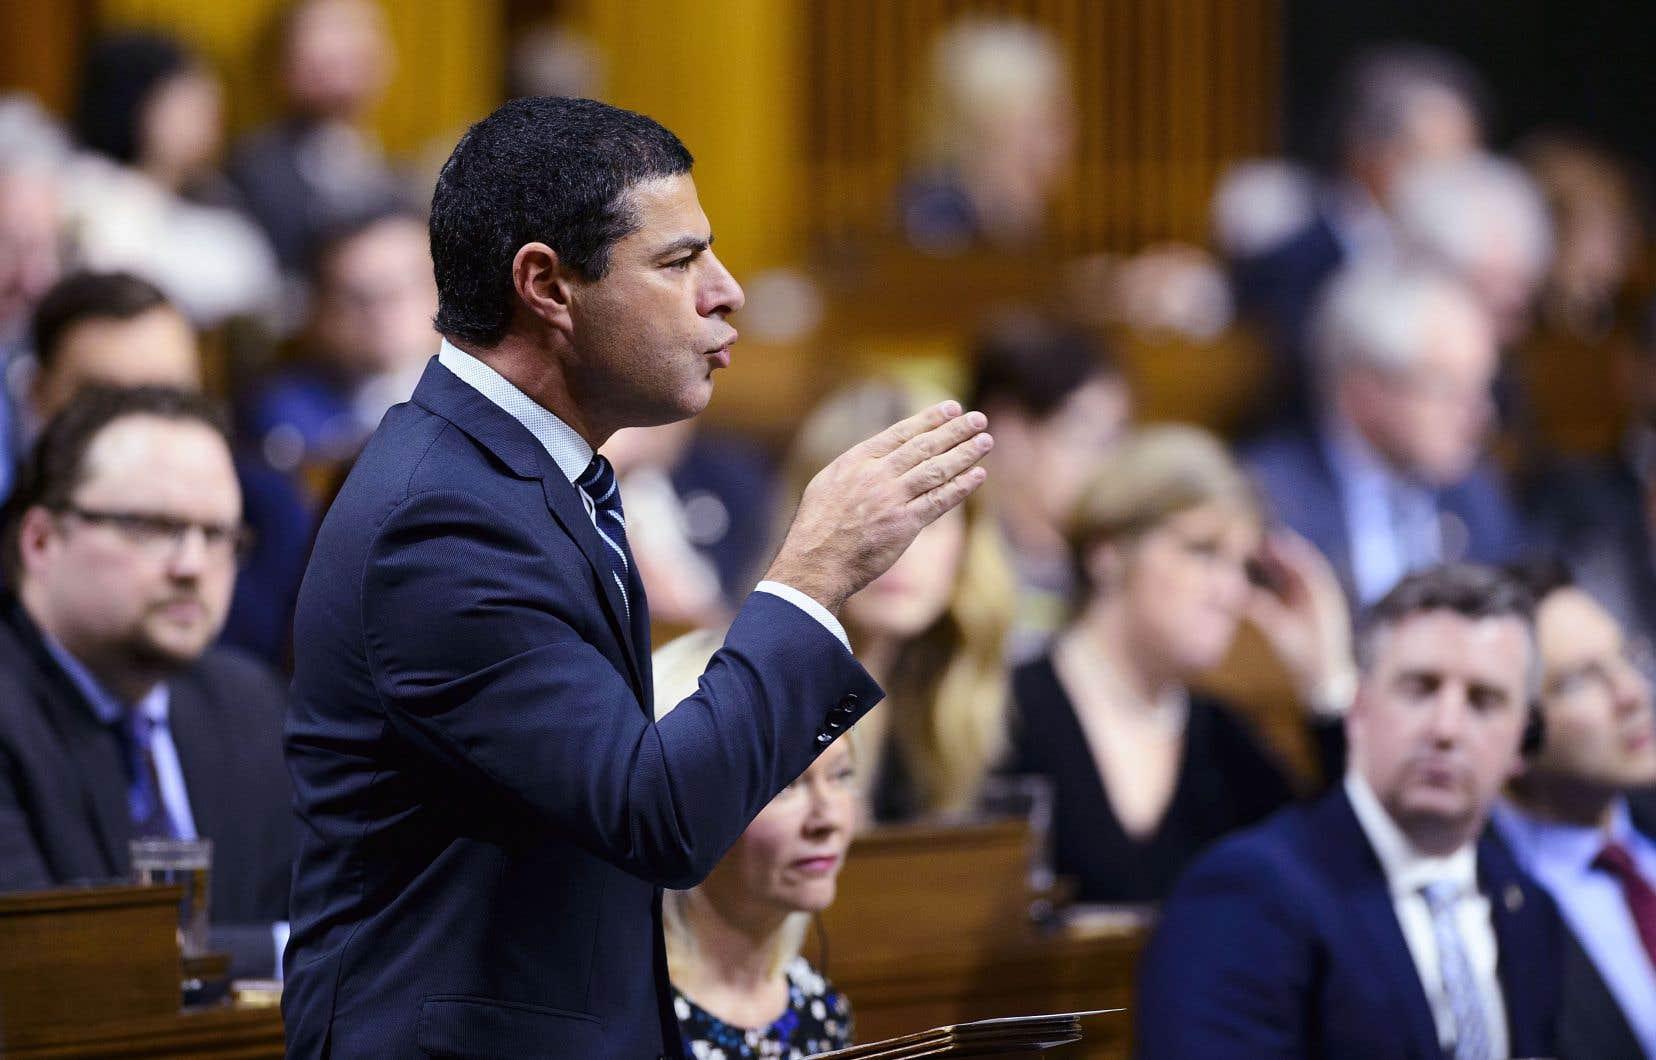 Le député conservateur Alain Rayes lors de la période de questions à la Chambre des communes, le 5 février, à Ottawa